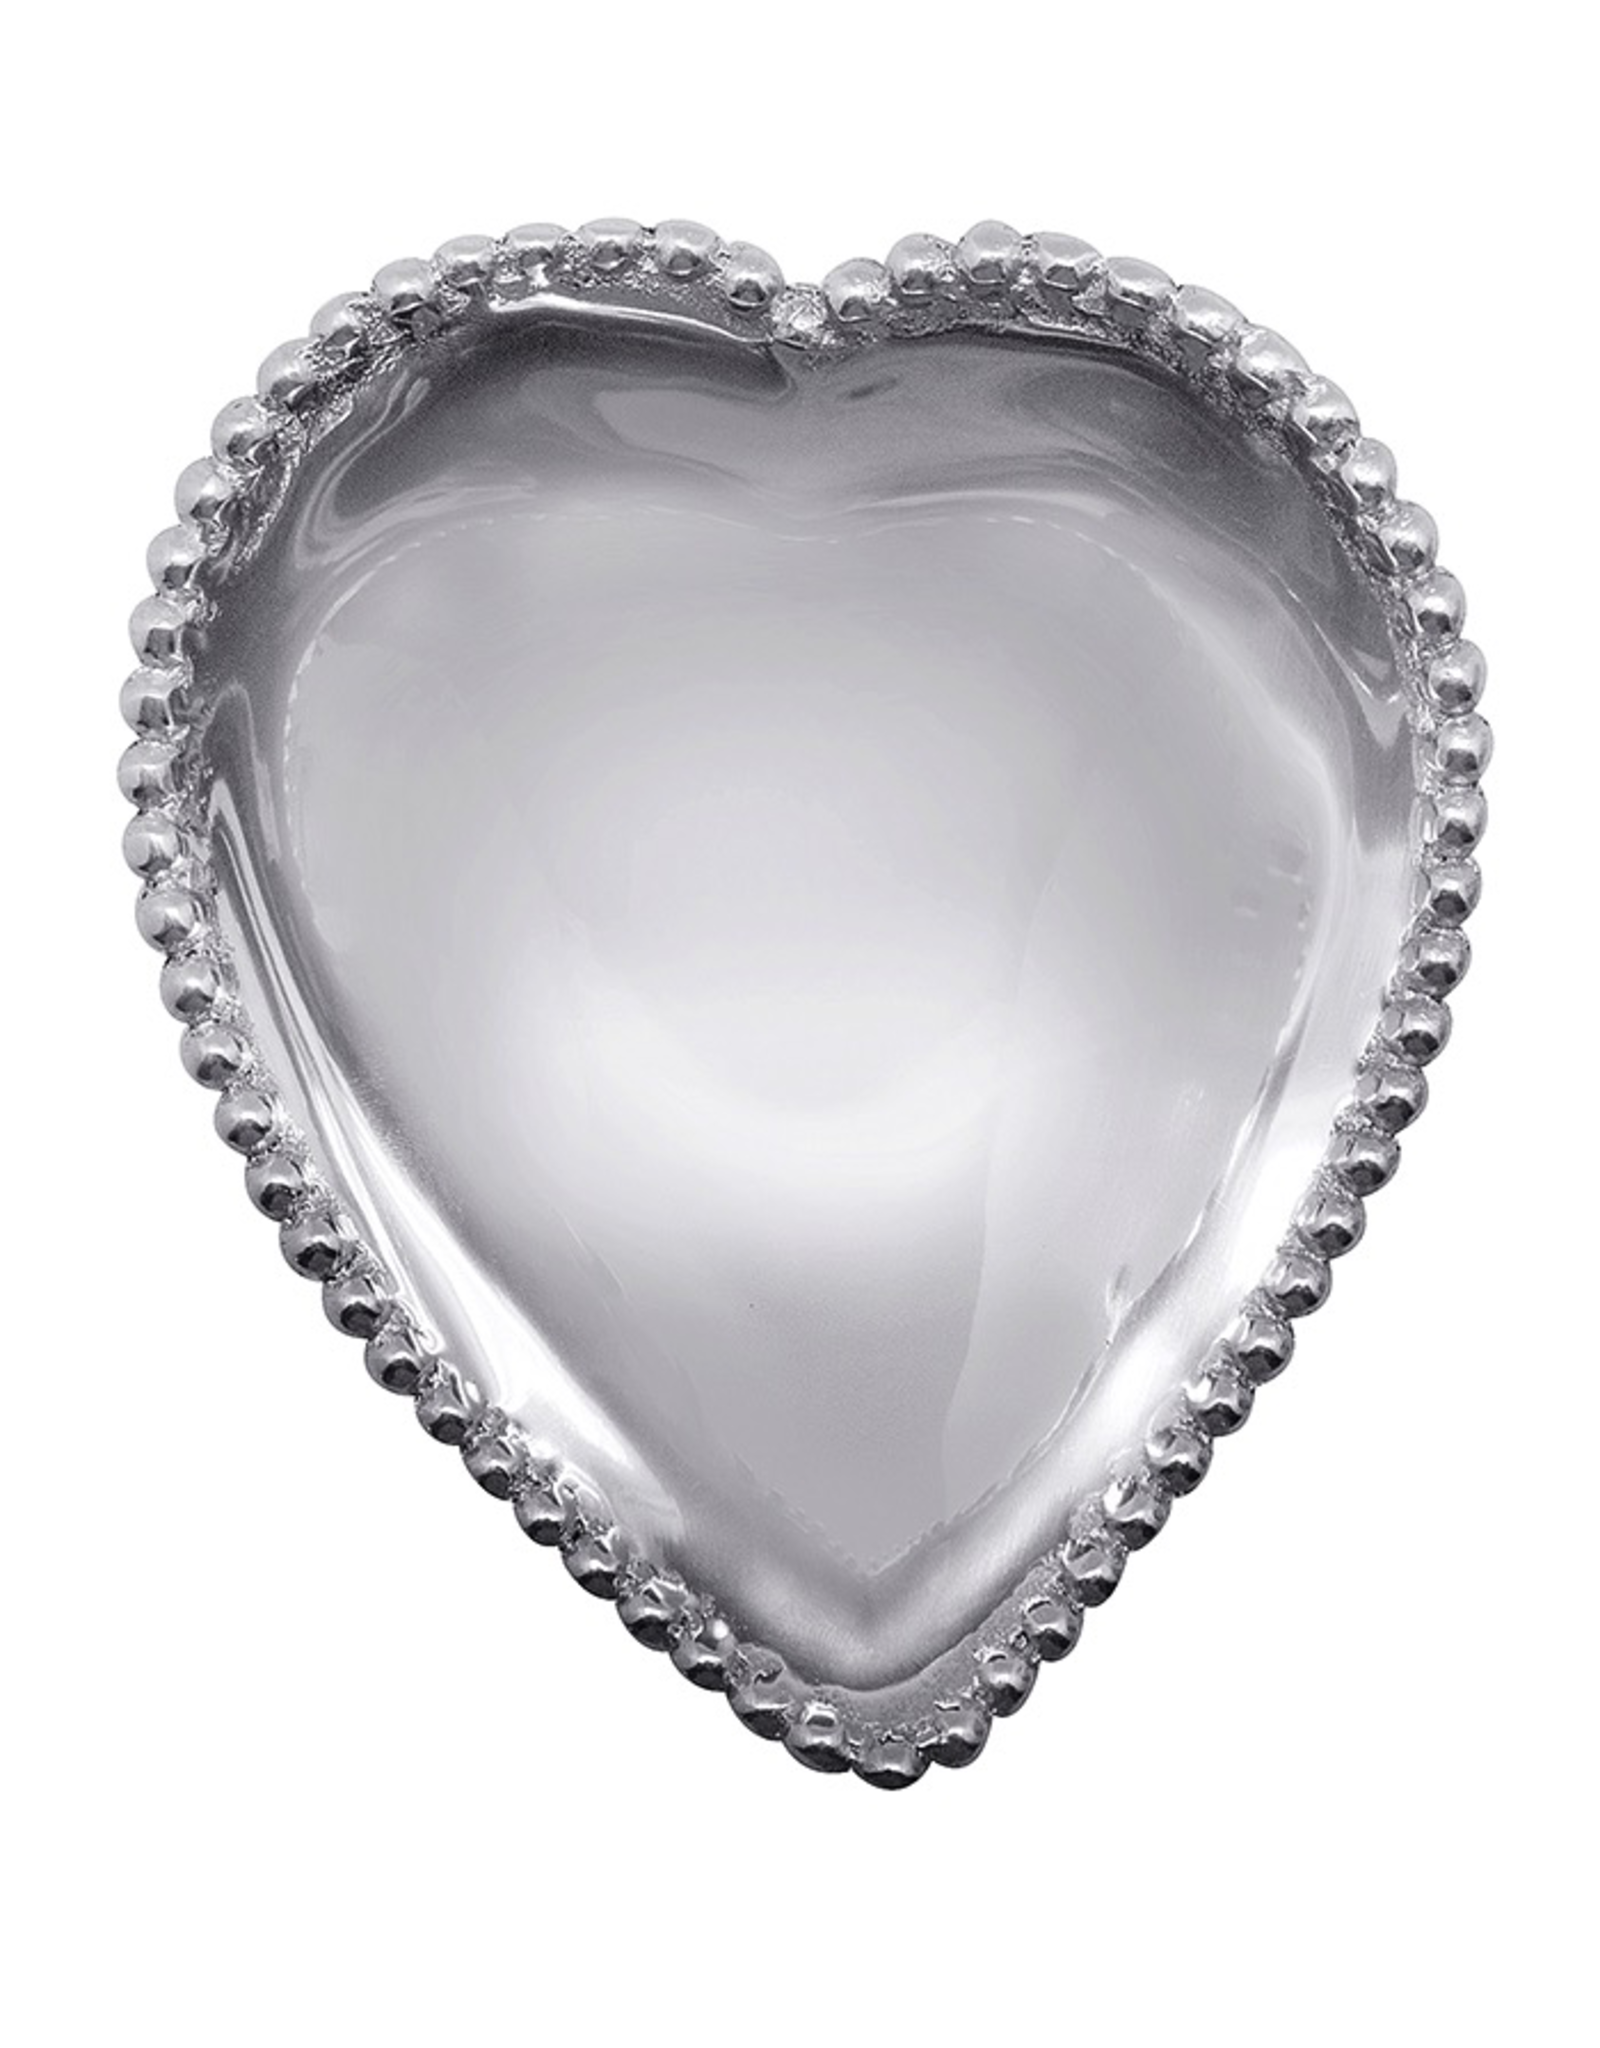 Mariposa Beaded Heart Bowl